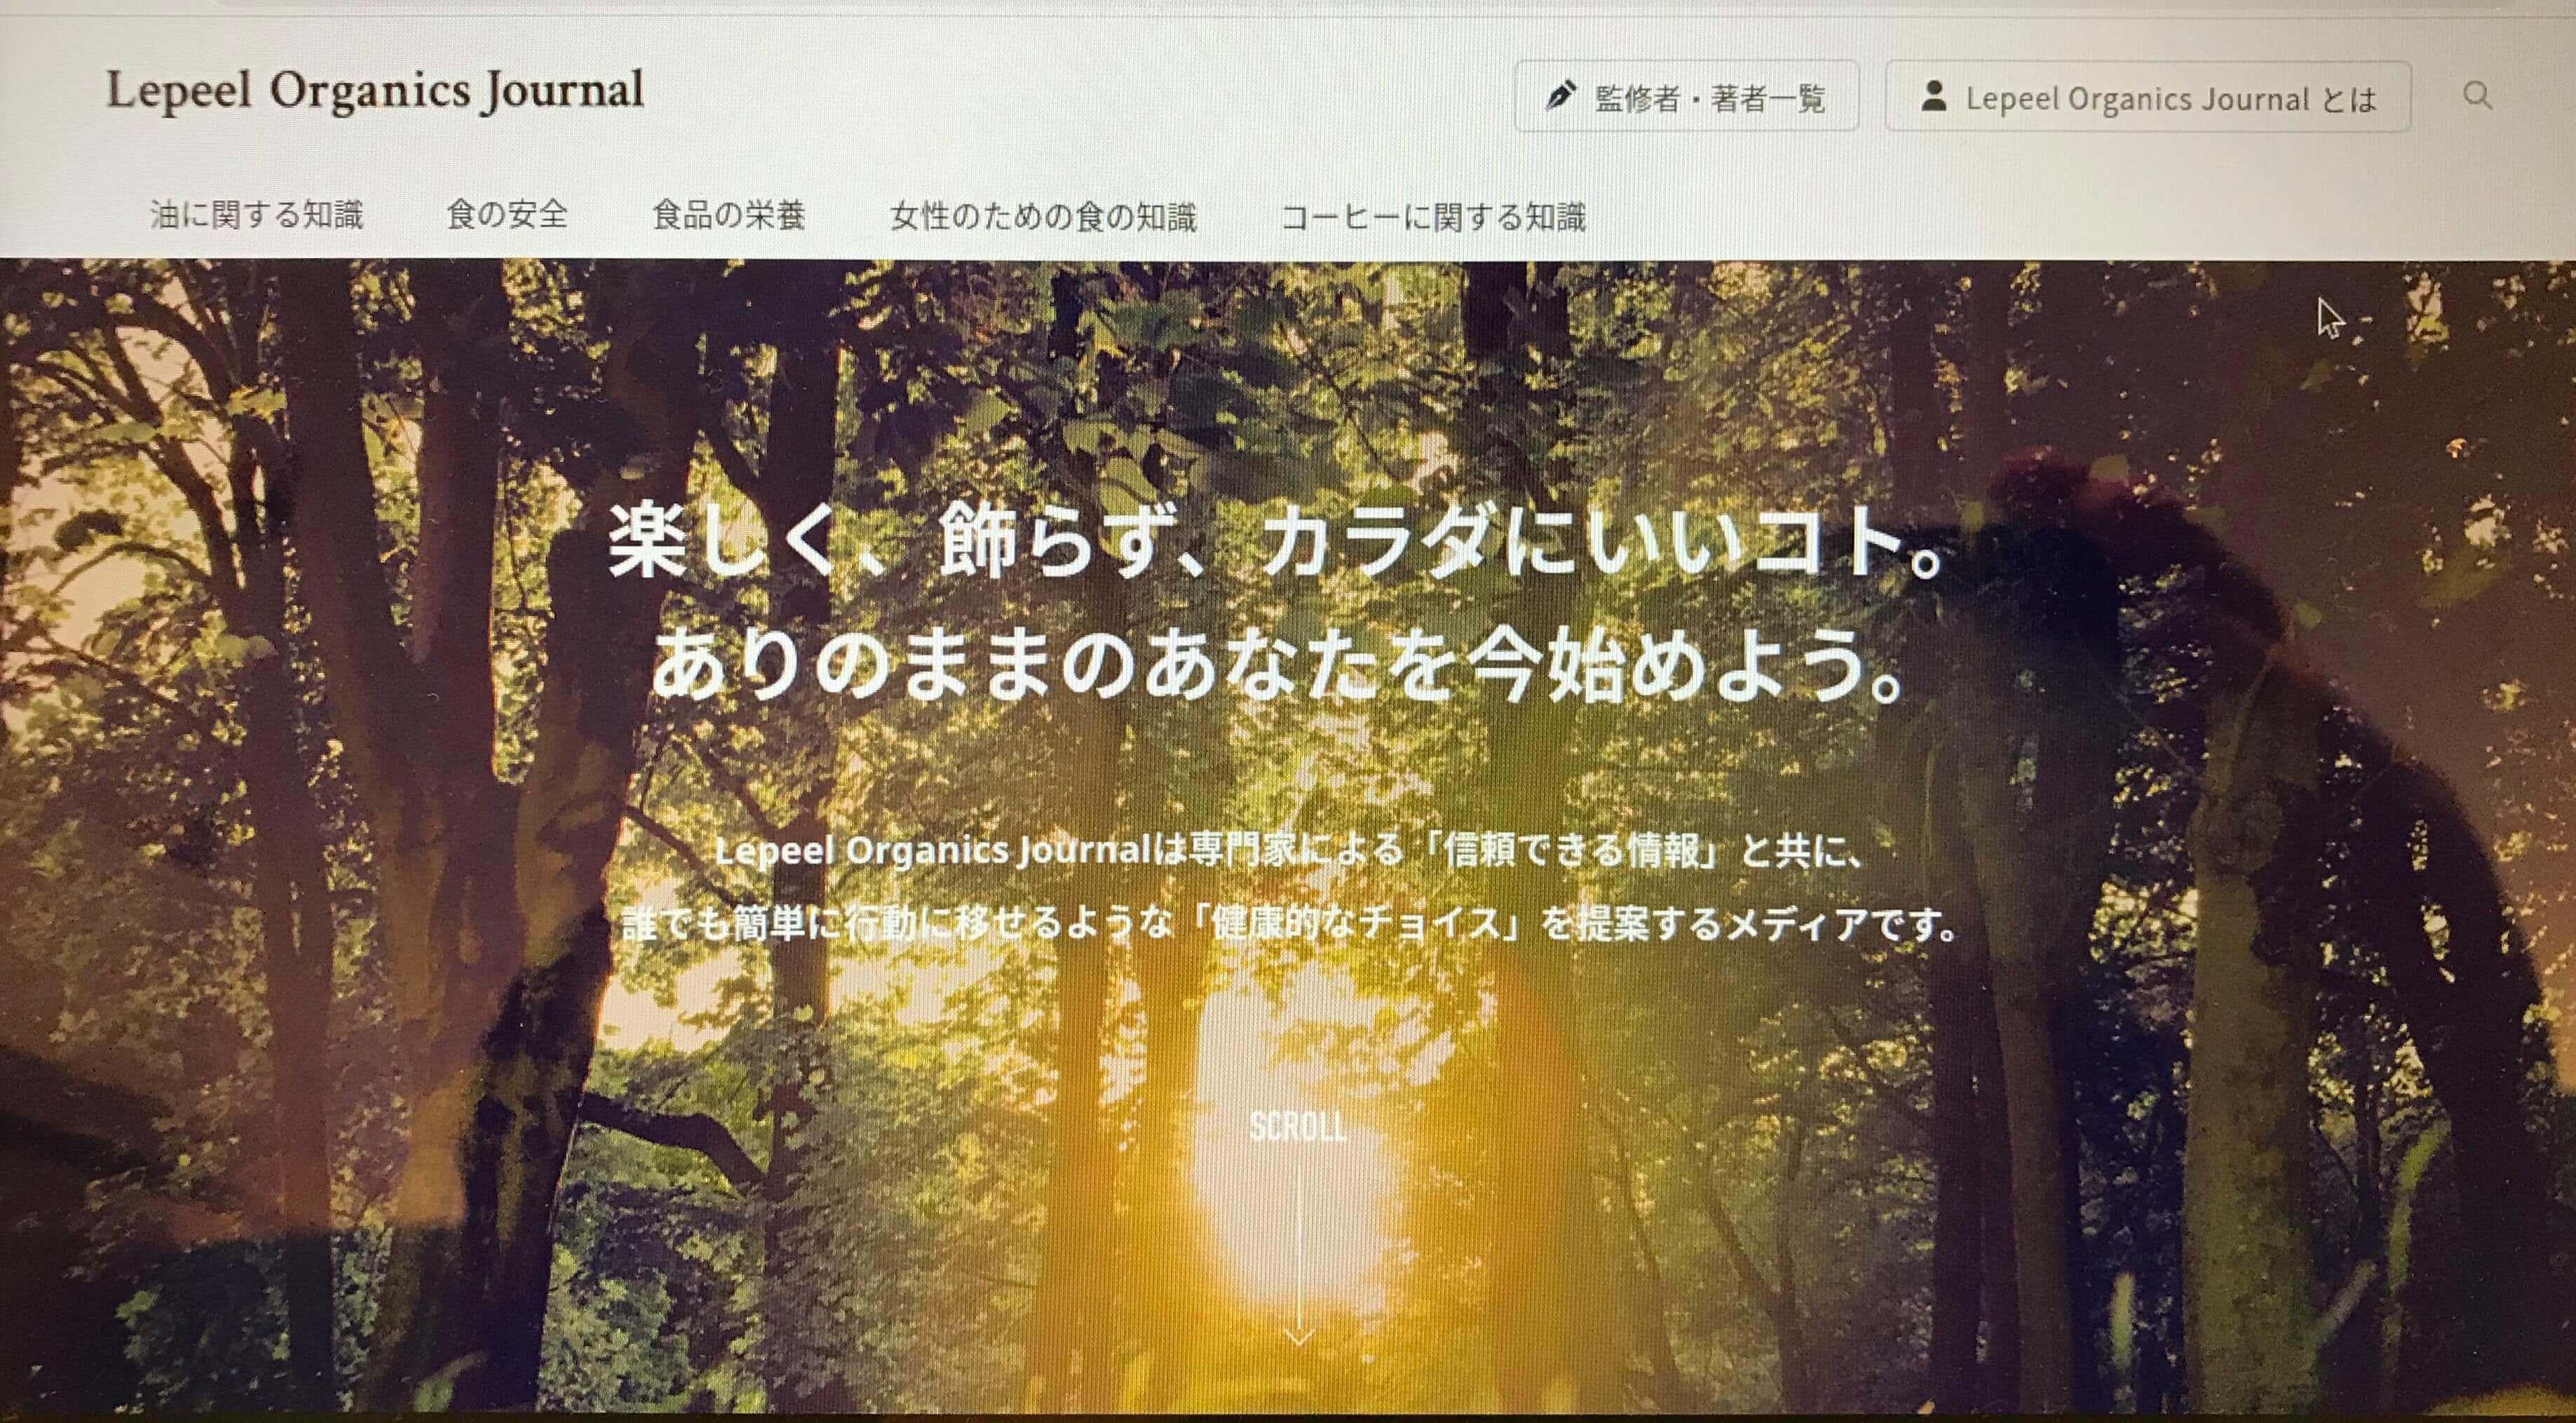 Lepeel Organics Journal